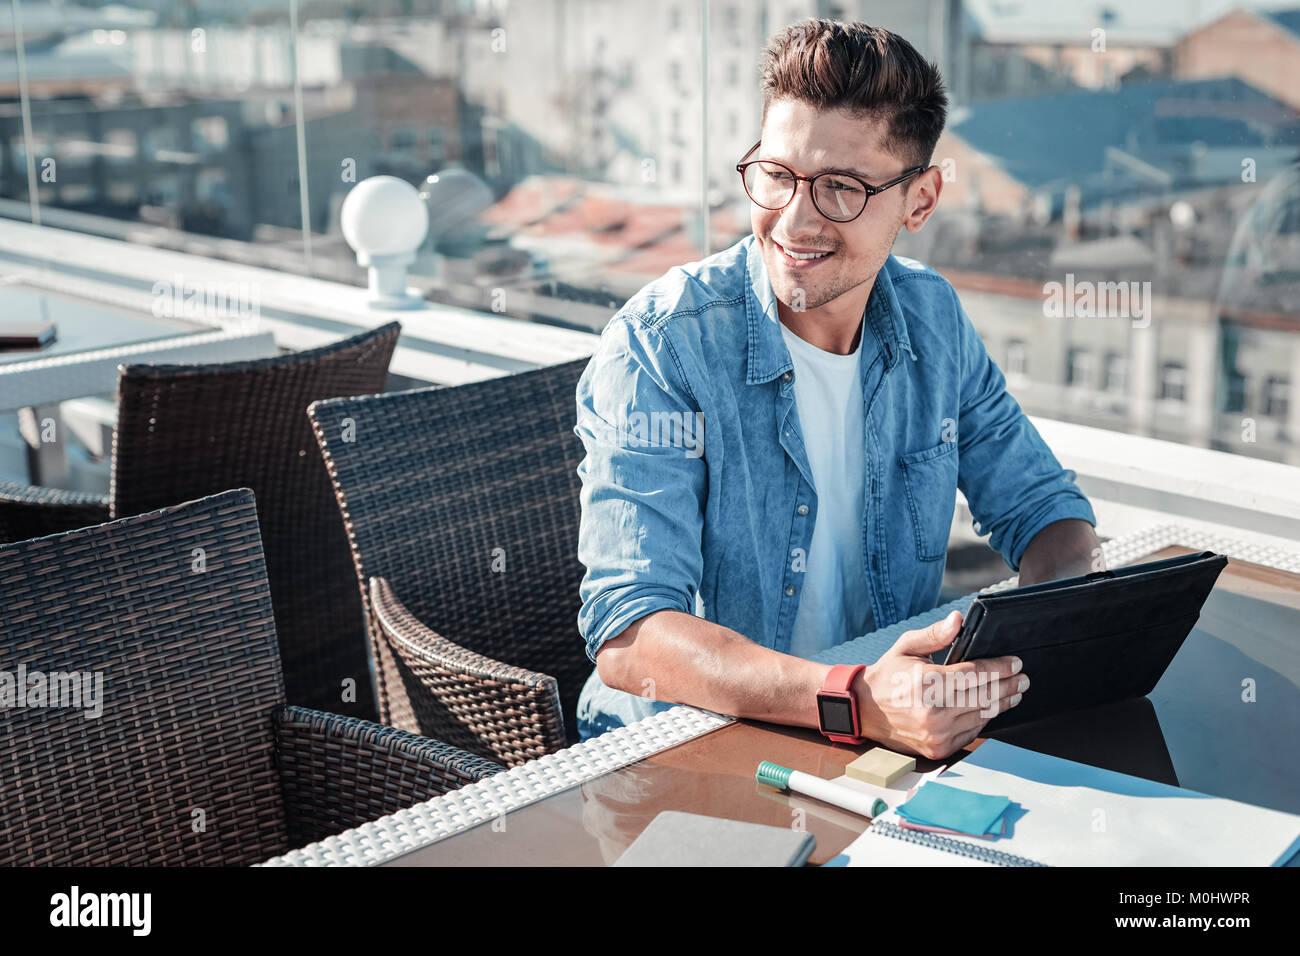 Jóvenes de ensueño freelancer pensando en algo y sonriente Imagen De Stock